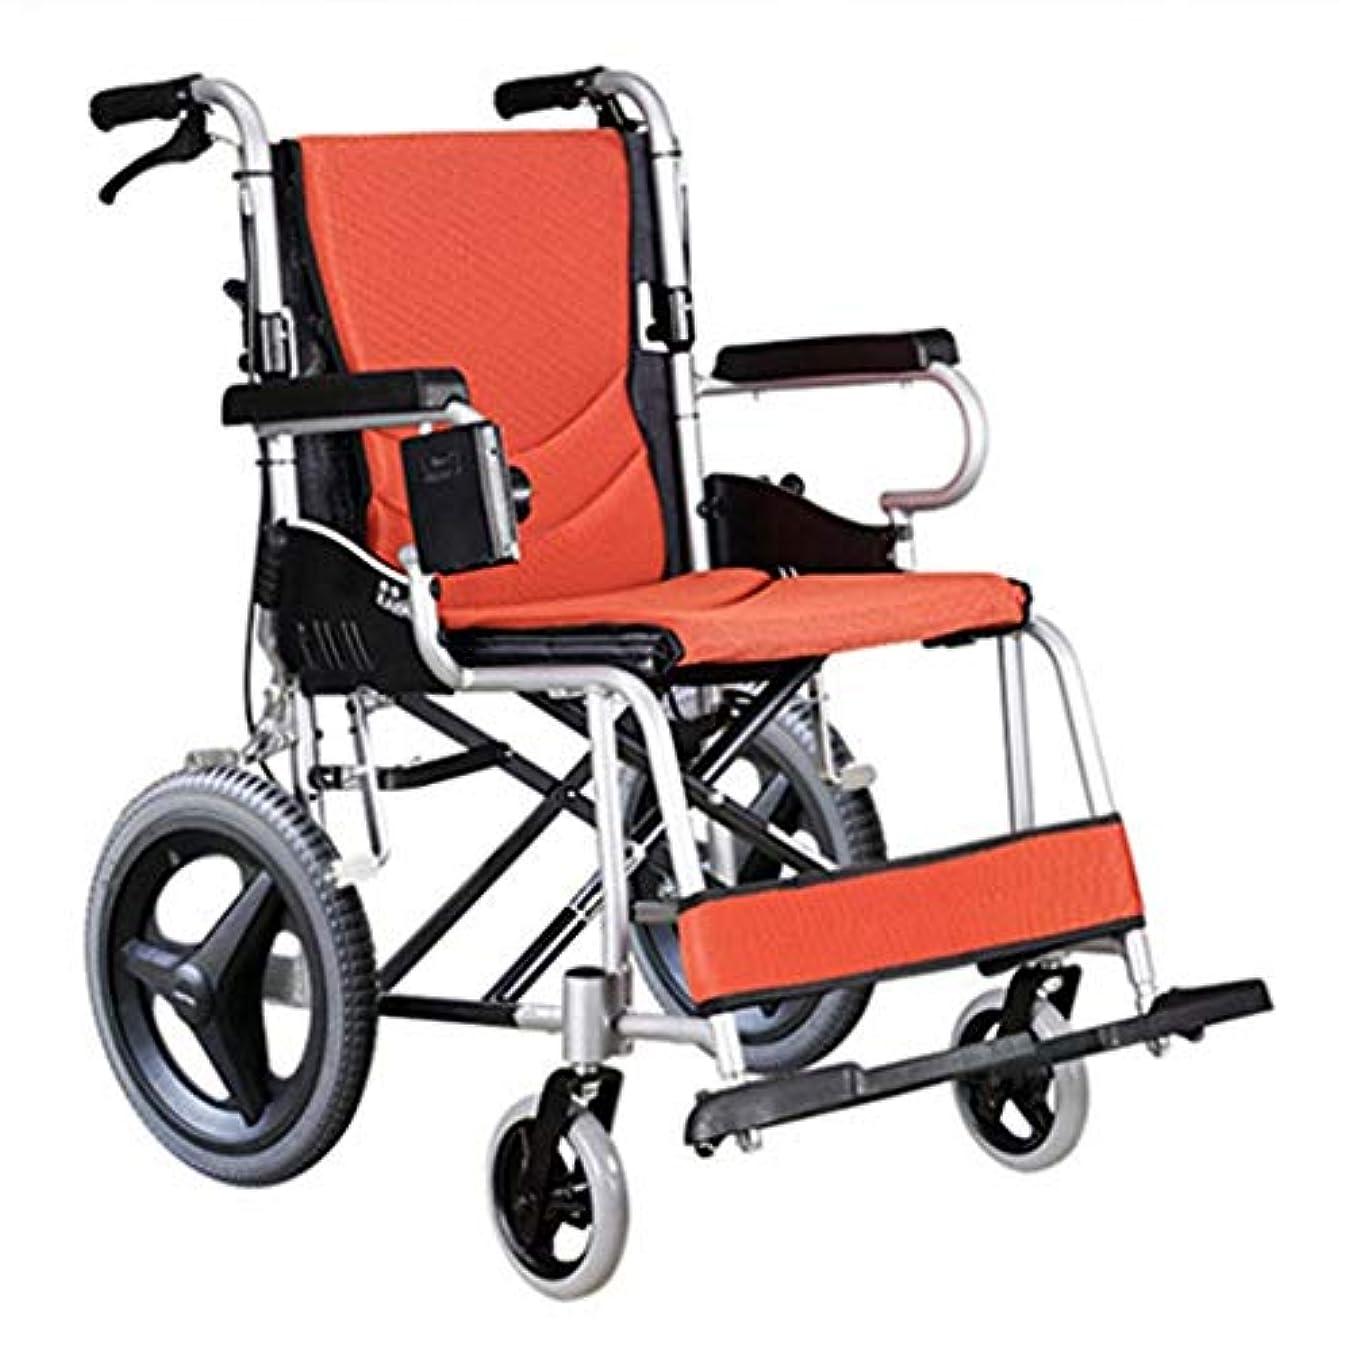 制限された前部始める折りたたみ車椅子、航空用アルミニウム合金車椅子ソリッドタイヤ、高齢者向けダブルブレーキデザイン野外活動車椅子トロリー